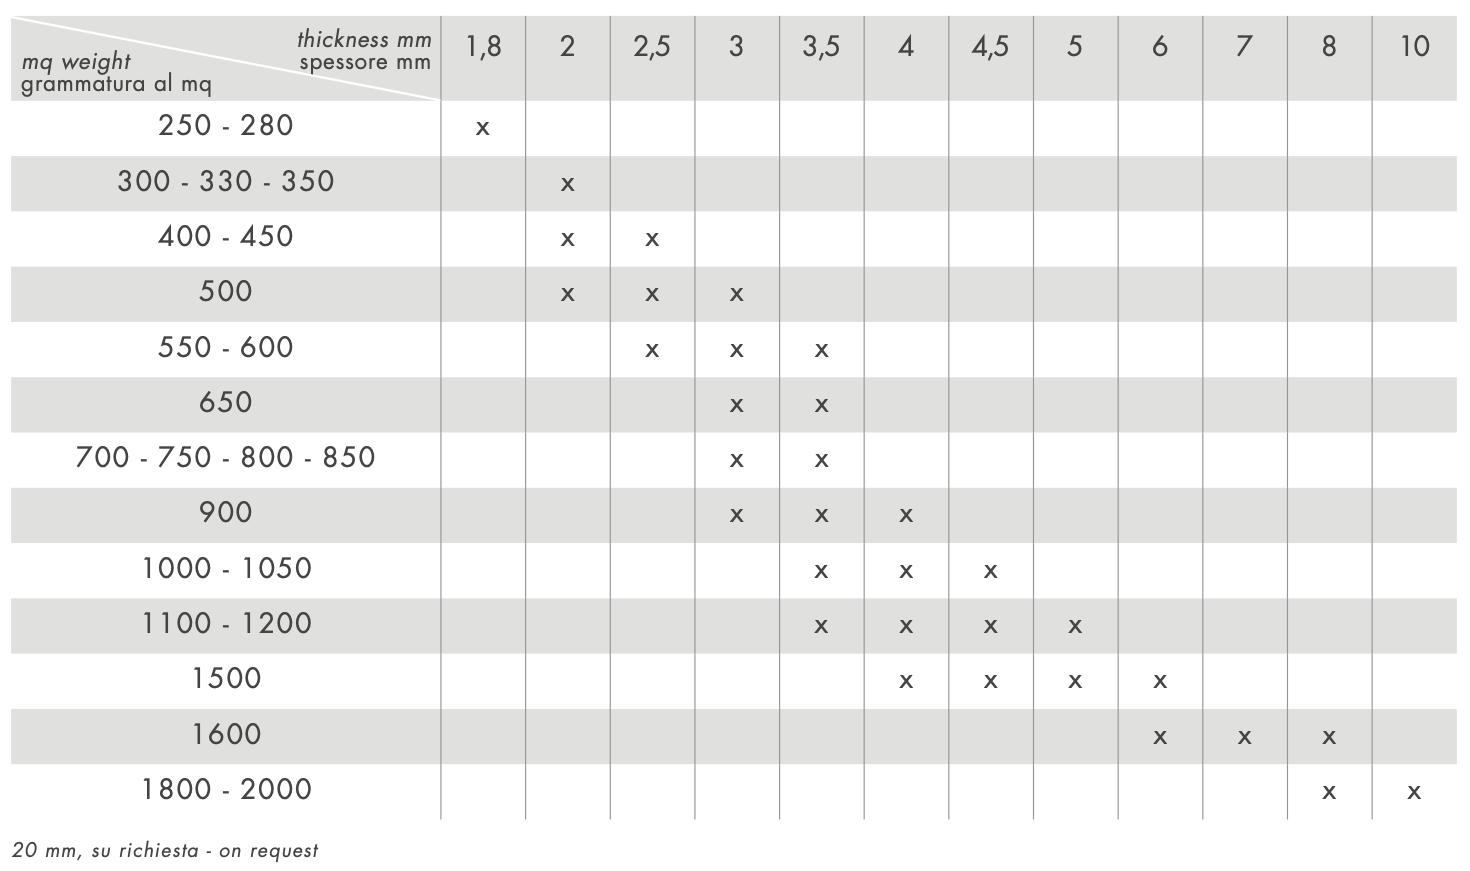 tabella polionda